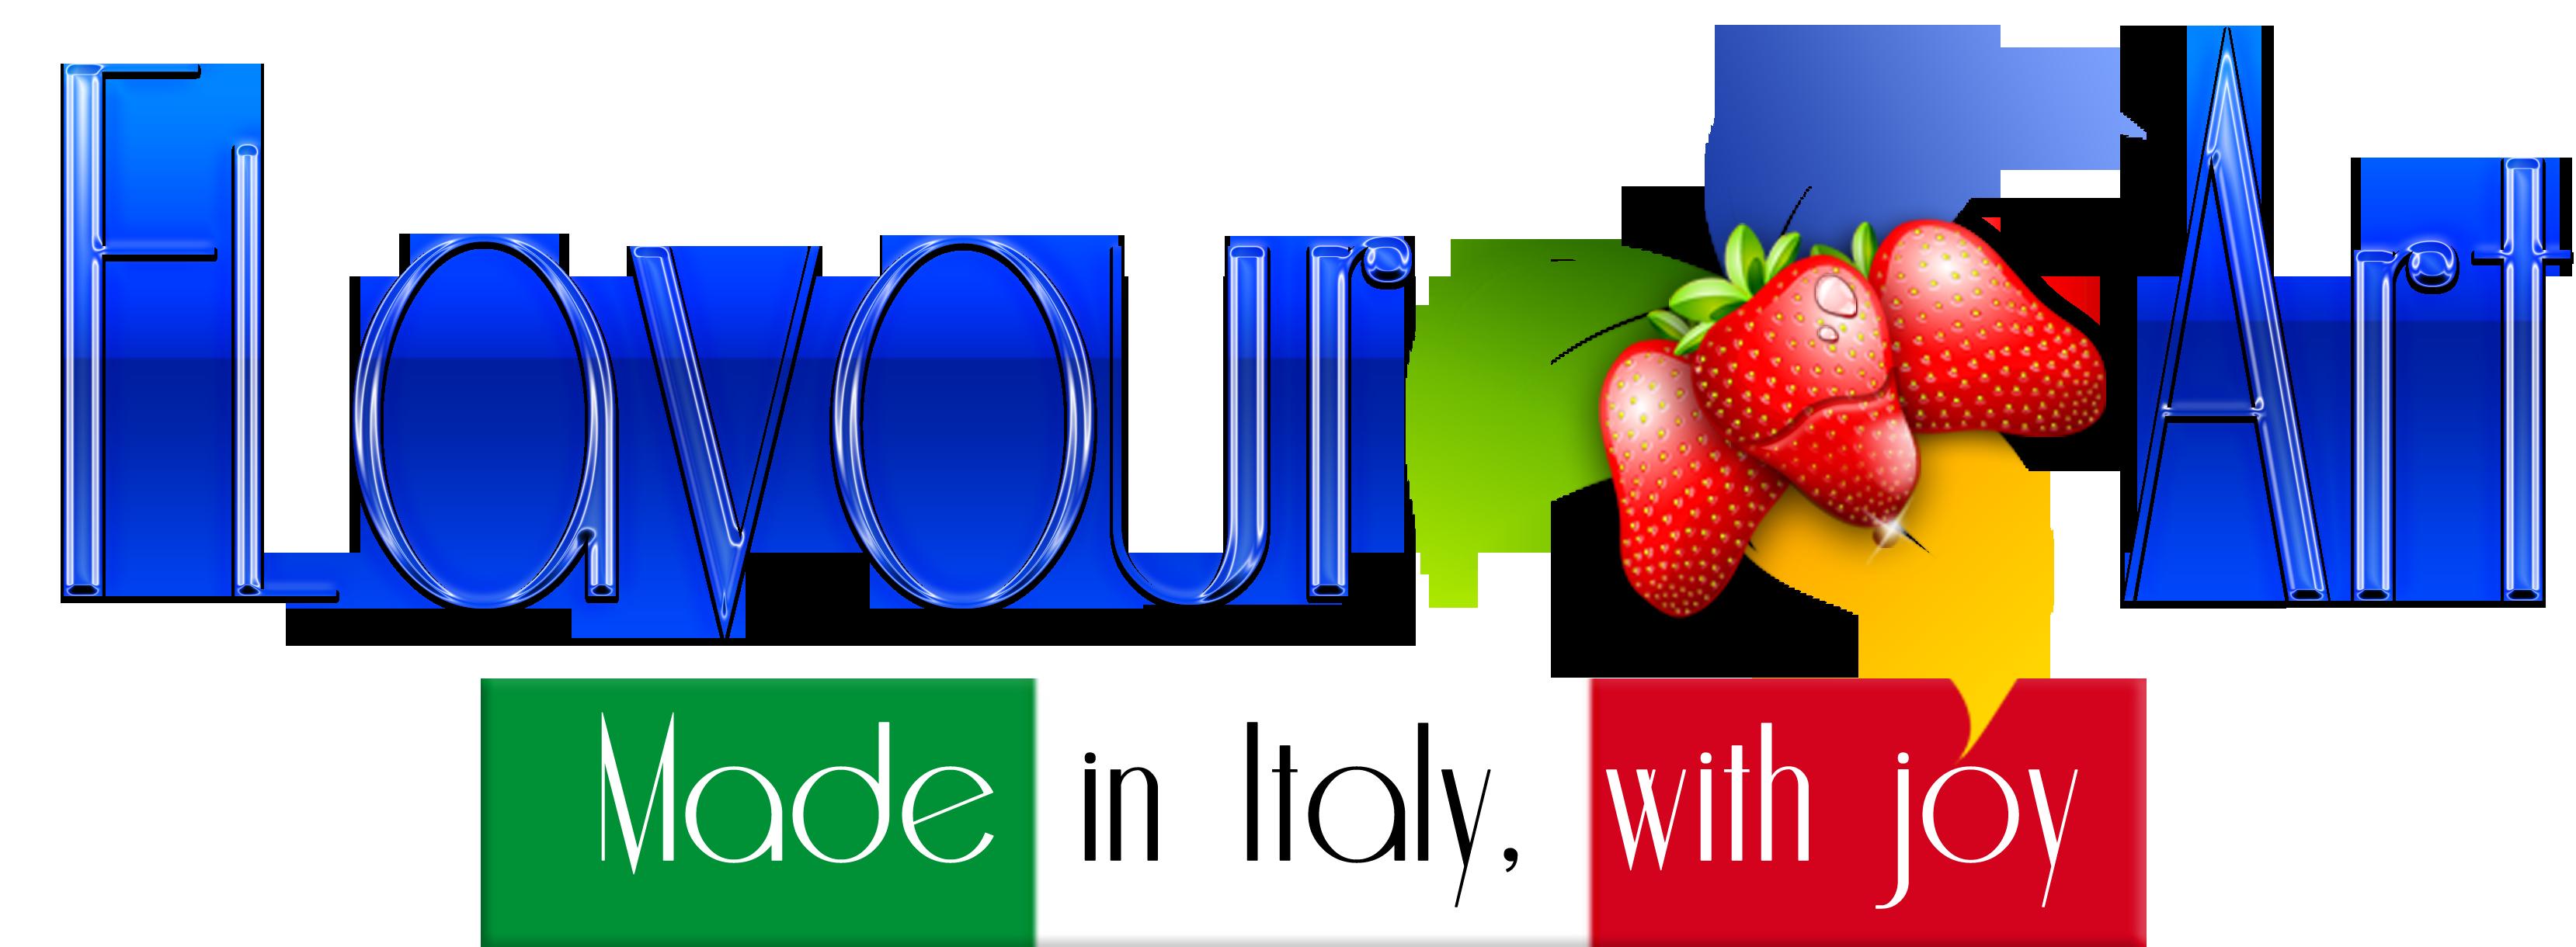 Flavourart original Italian e-liquids